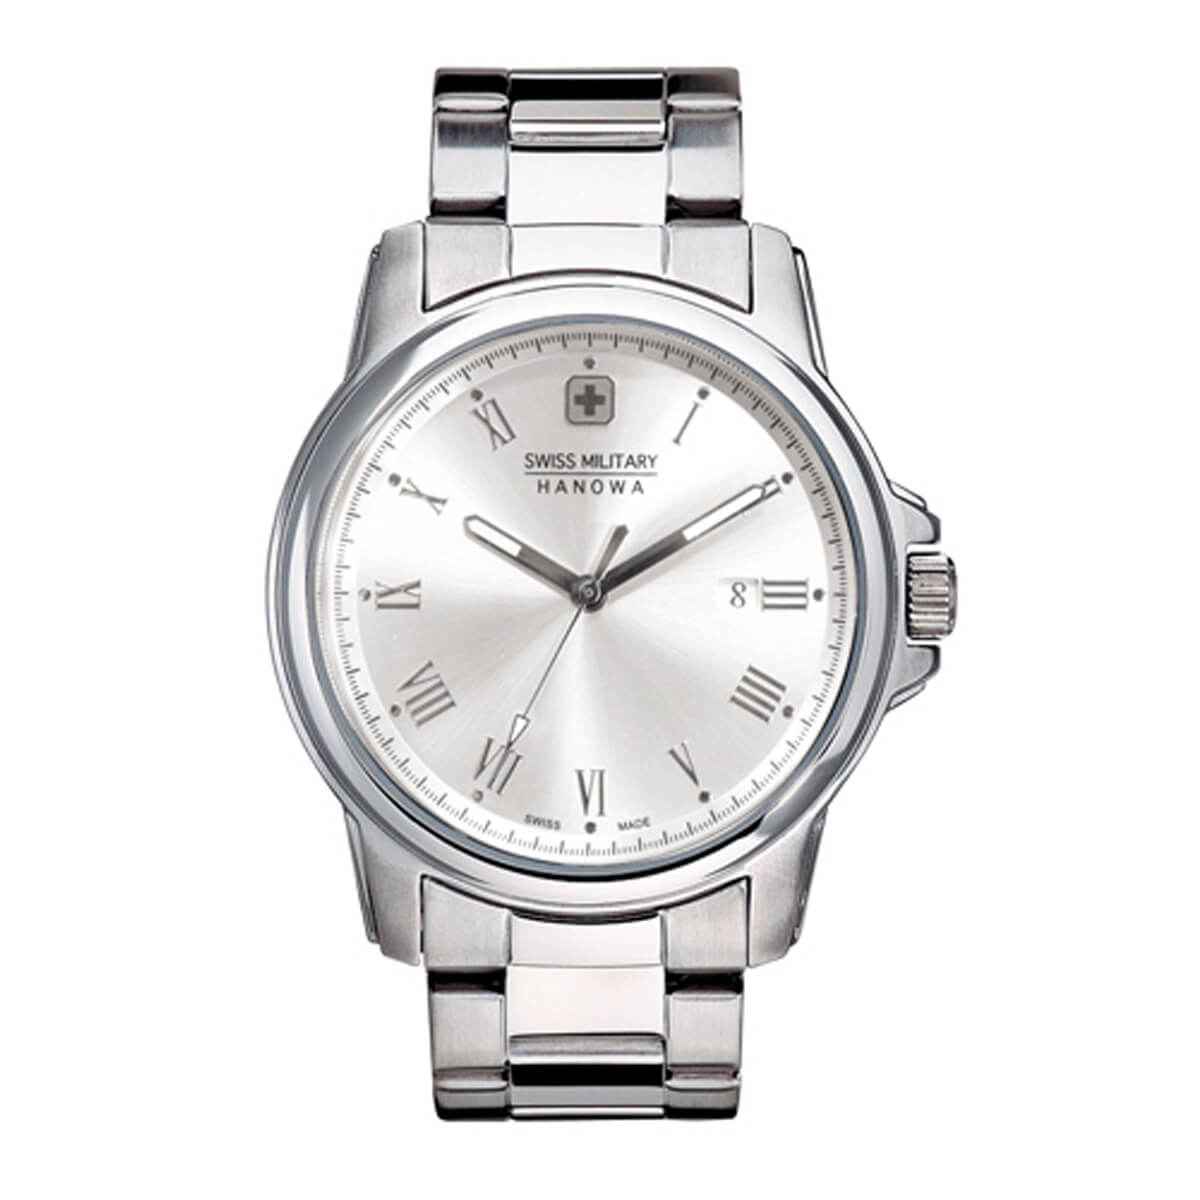 スイスミリタリー腕時計 ローマン(Roman) ml365 ホワイト